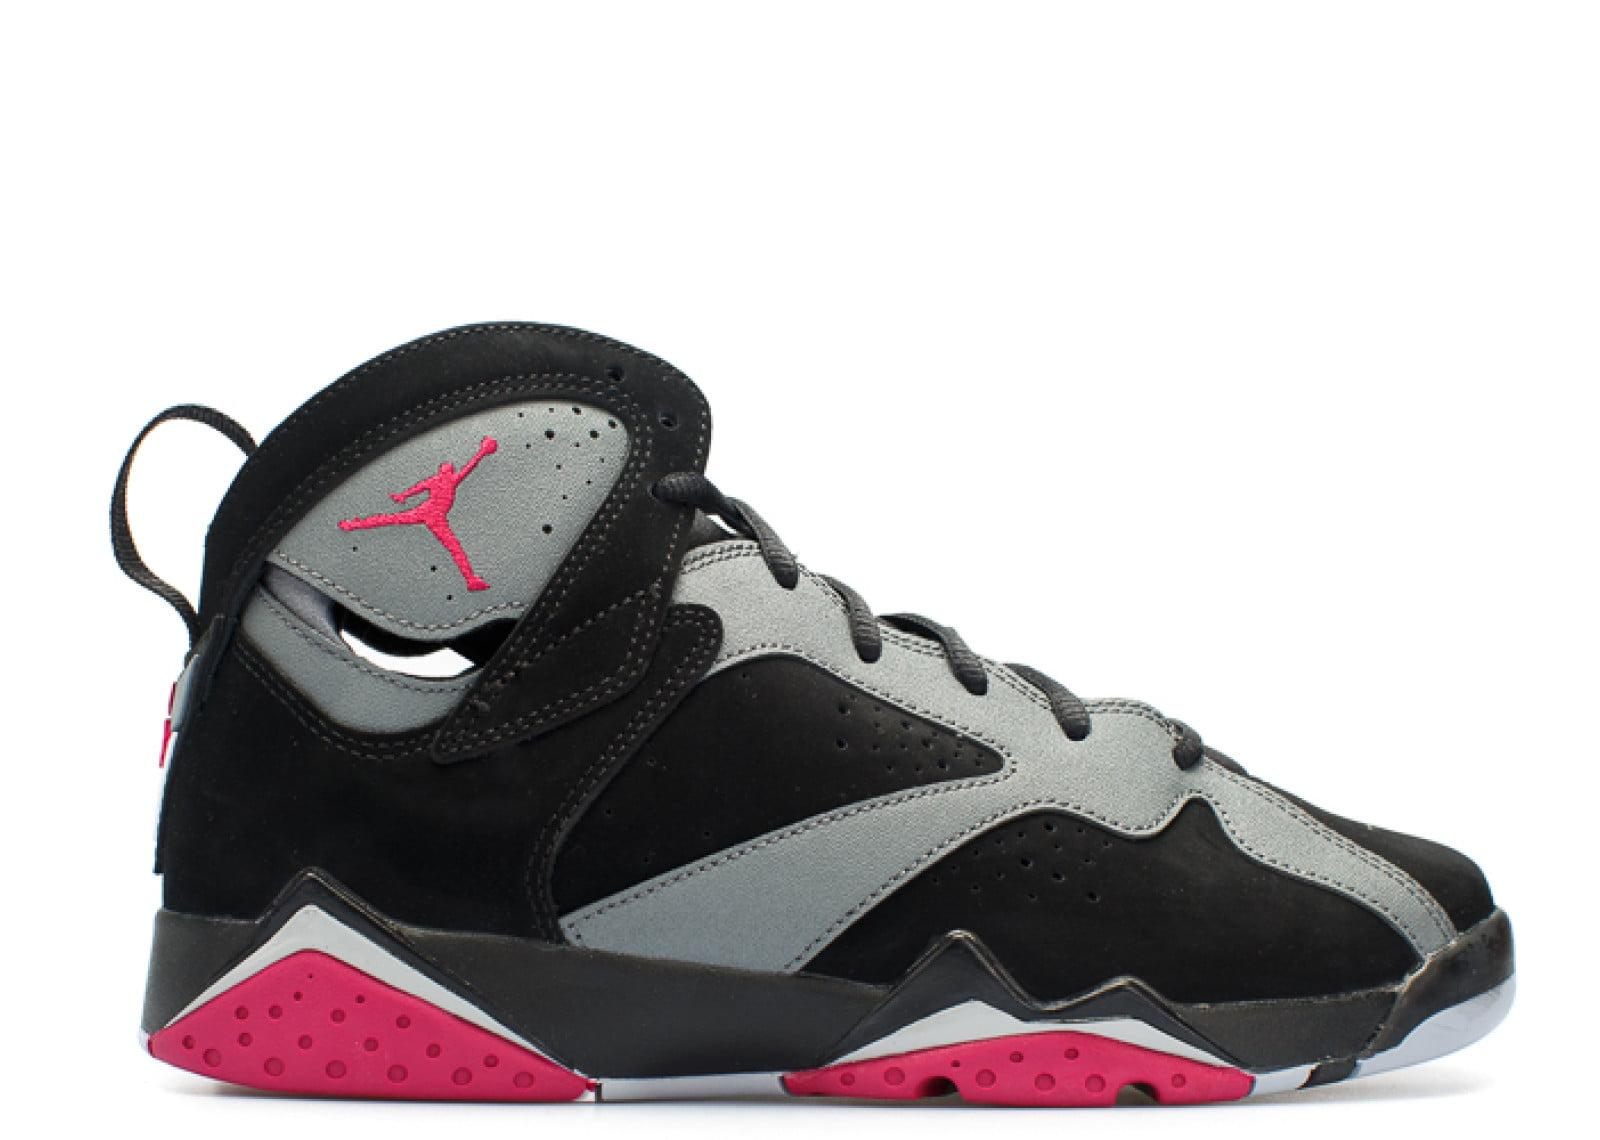 visitar Air Jordan 7 Retro Flor Fucsia Gg el mayor proveedor tienda de liquidación muy en venta XIHxWC